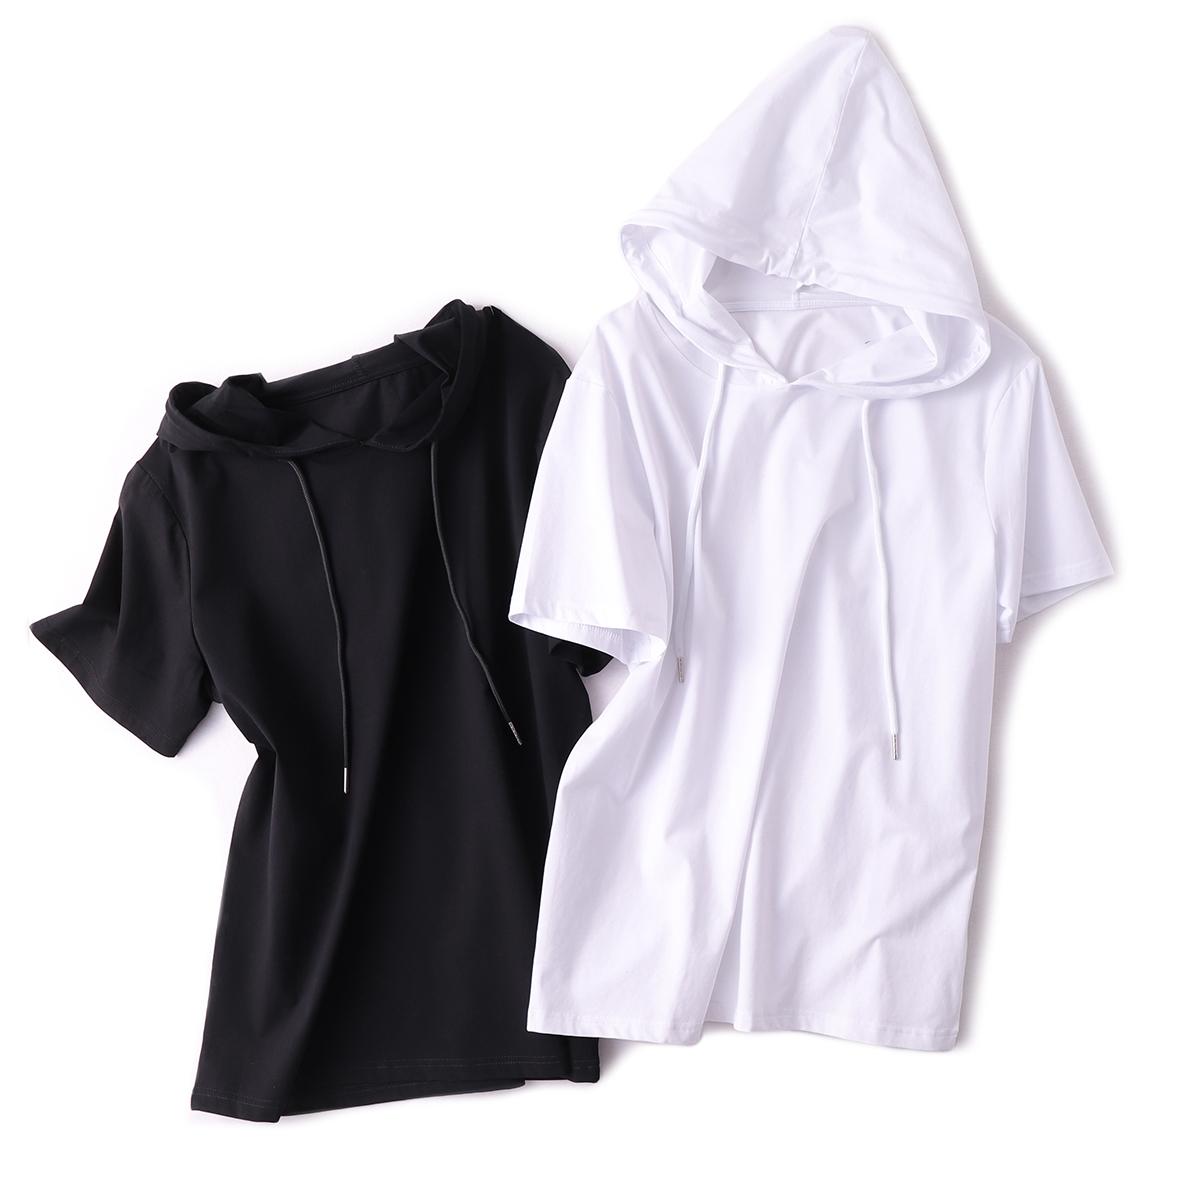 热销20件买三送一SKYINTL春夏新款上衣女时尚宽松纯色连帽短袖纯棉白色t恤女2019